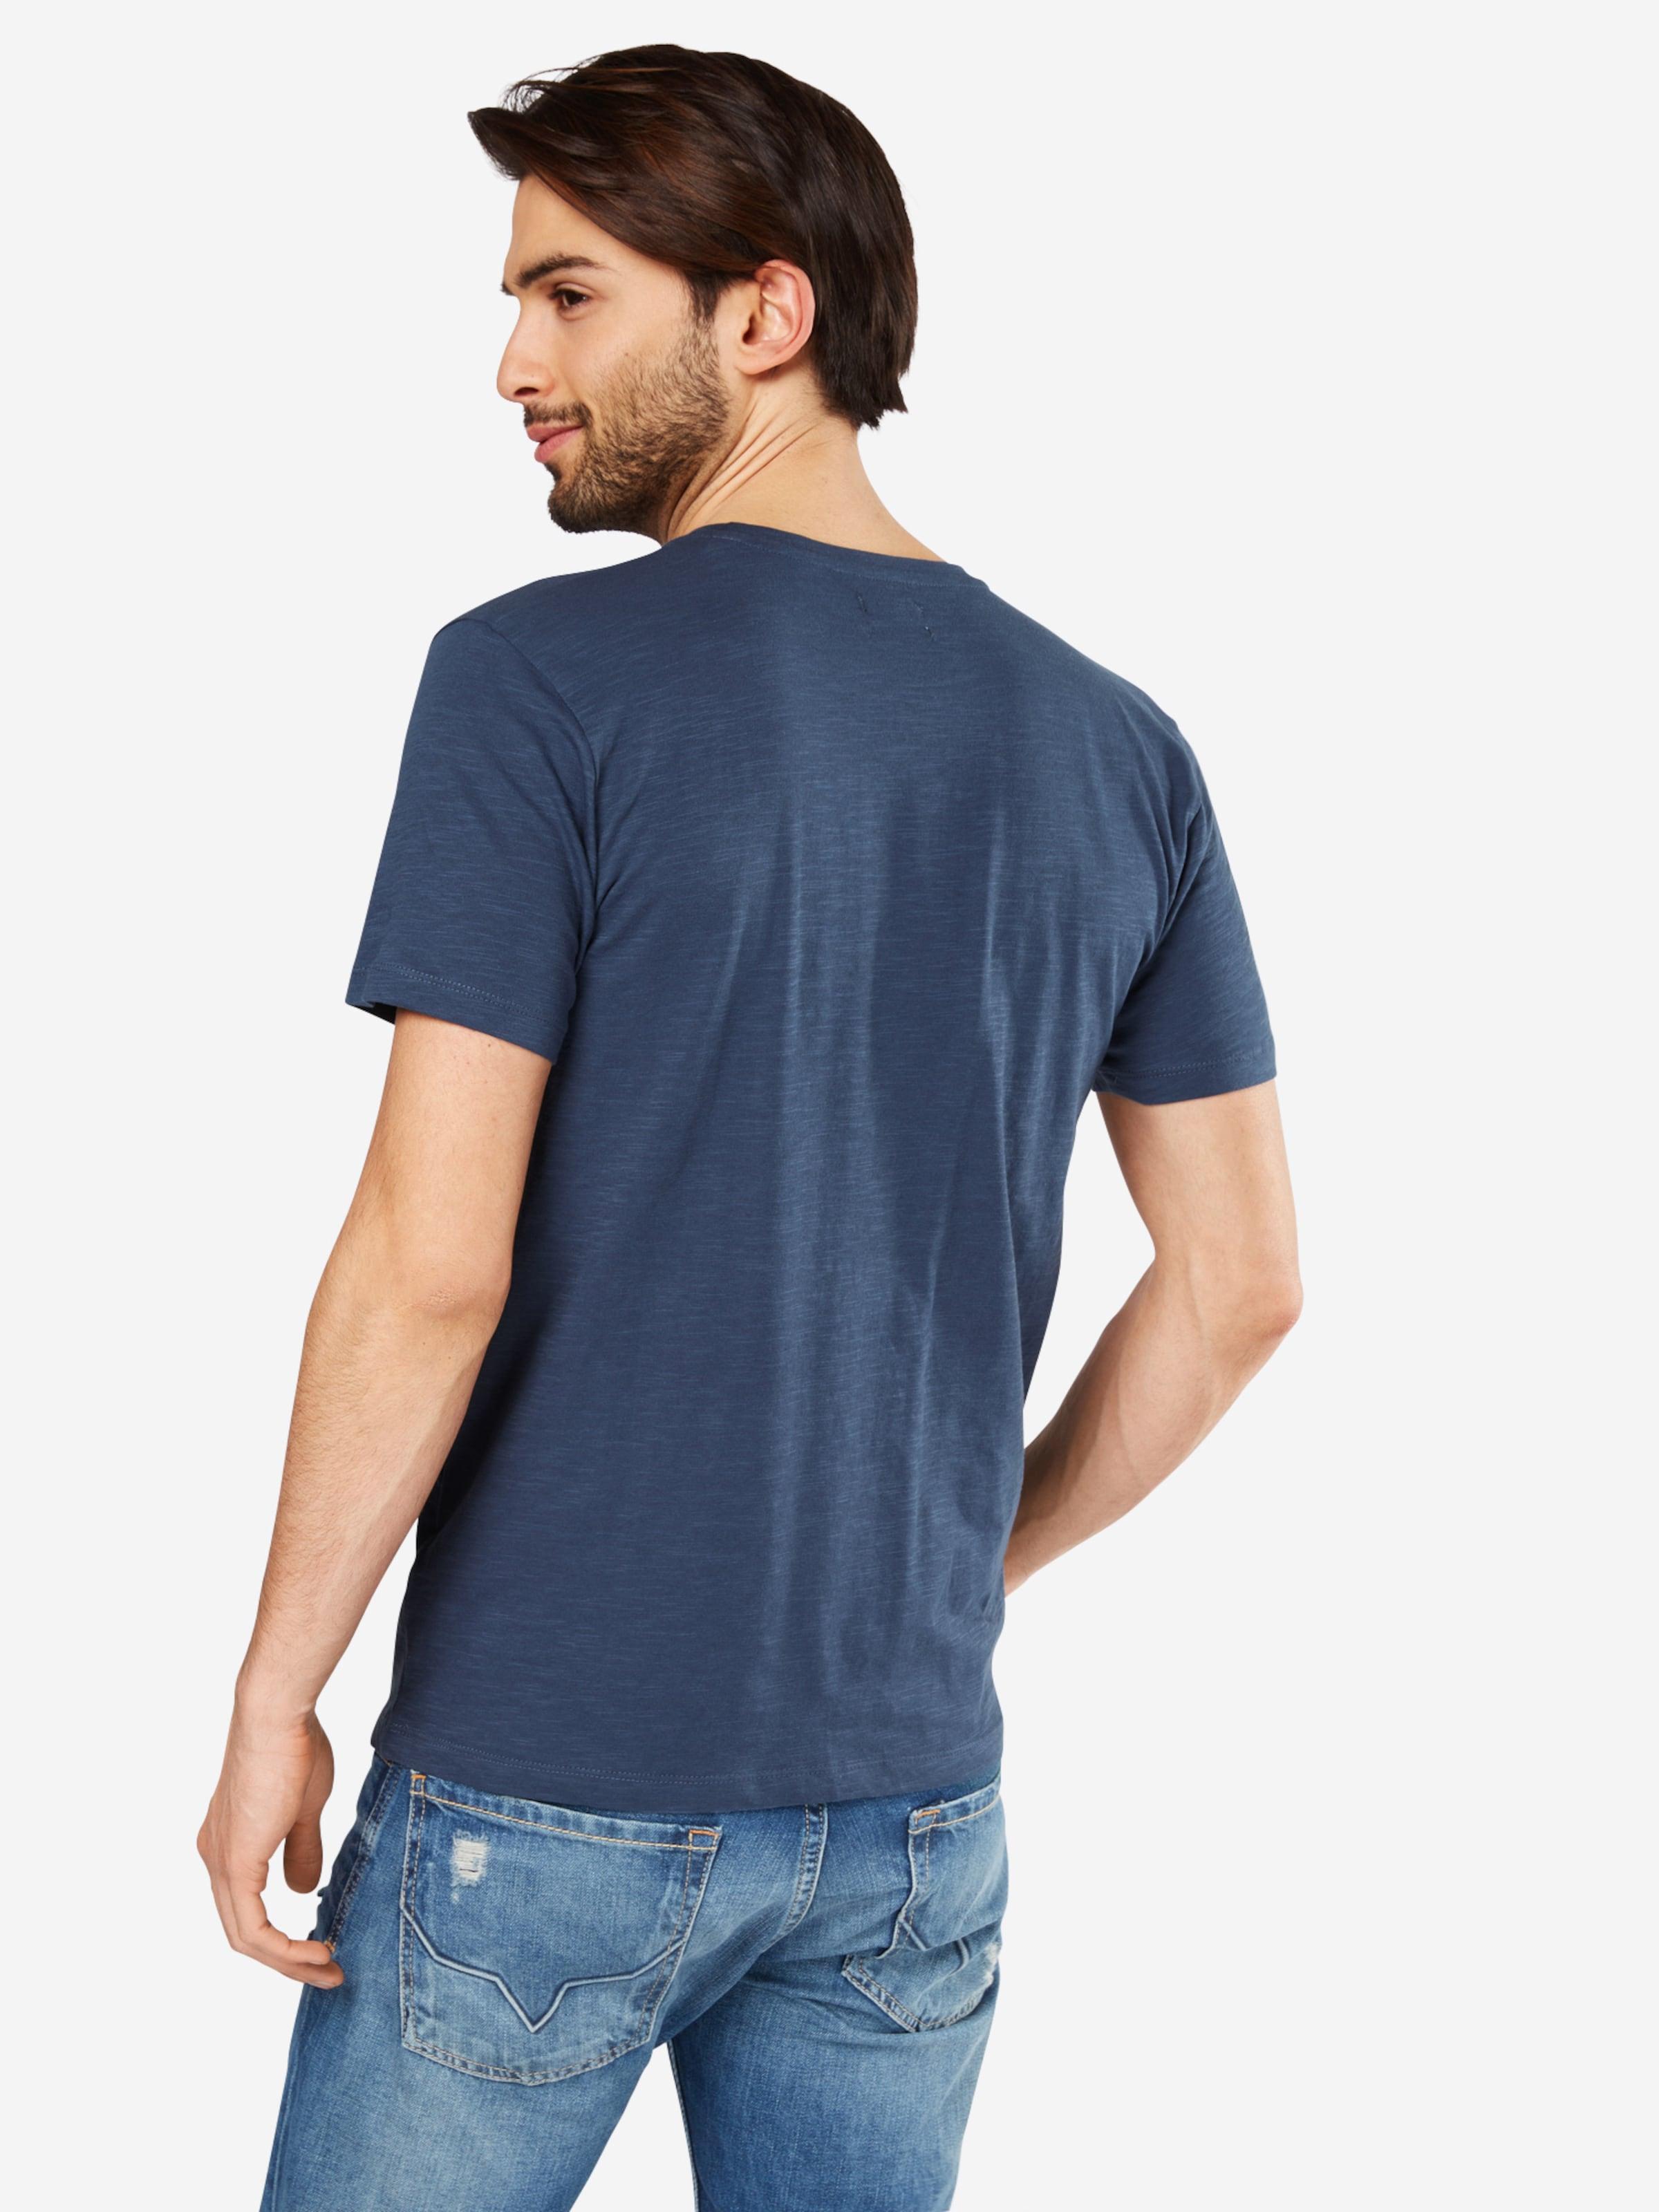 T slub Shirt 'cn pkt ESPRIT ESPRIT T Shirt ss' tw4vqq